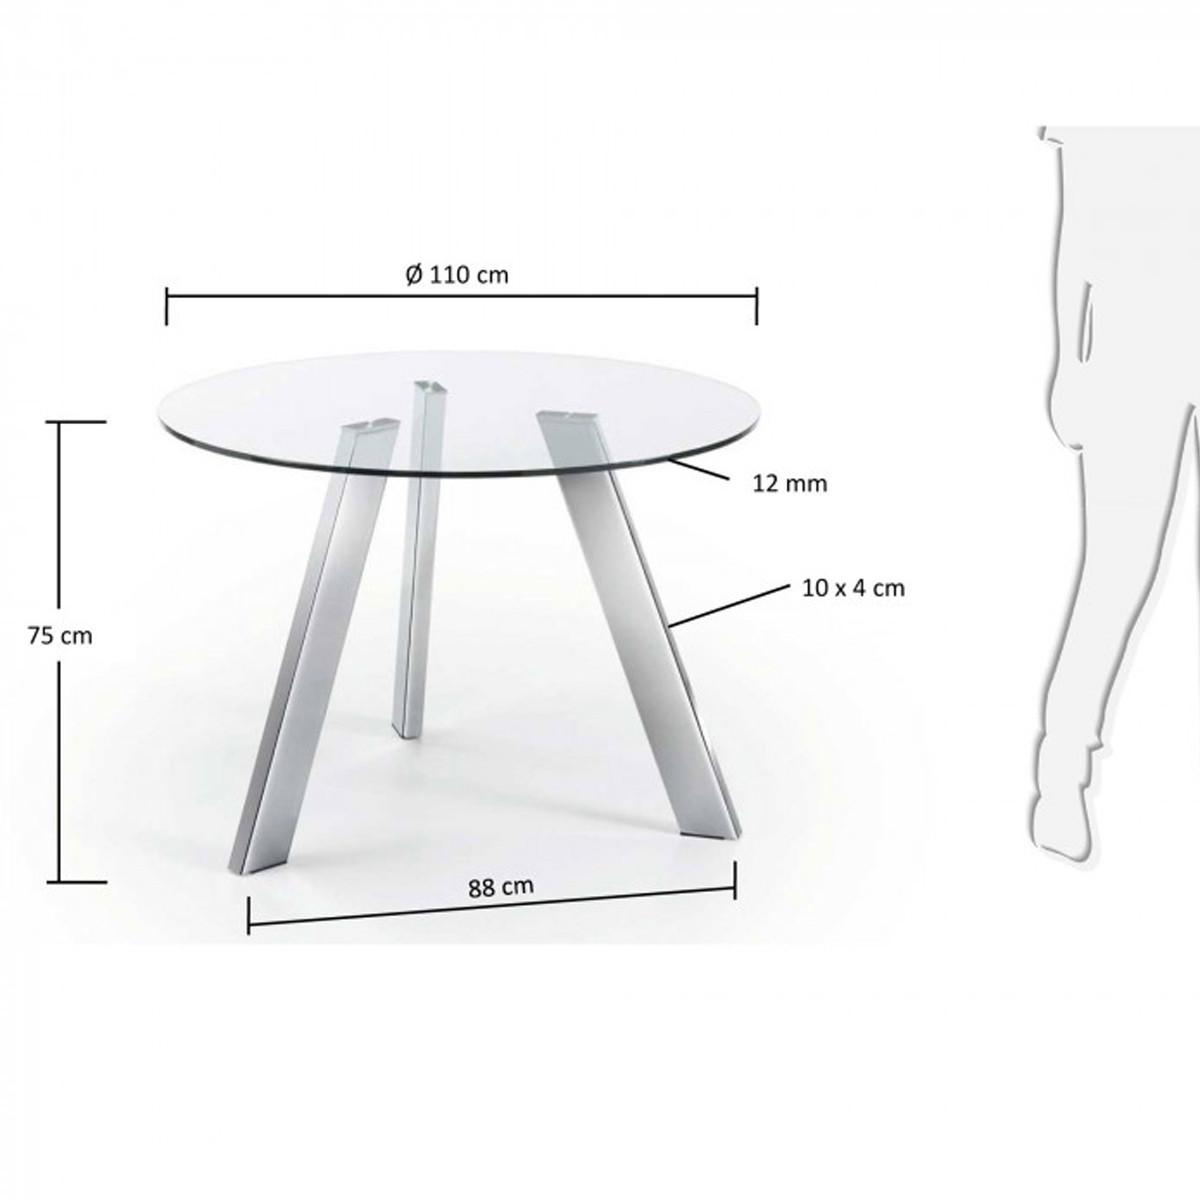 Ronde Eettafel Glas.Ronde Tafel Van Glas